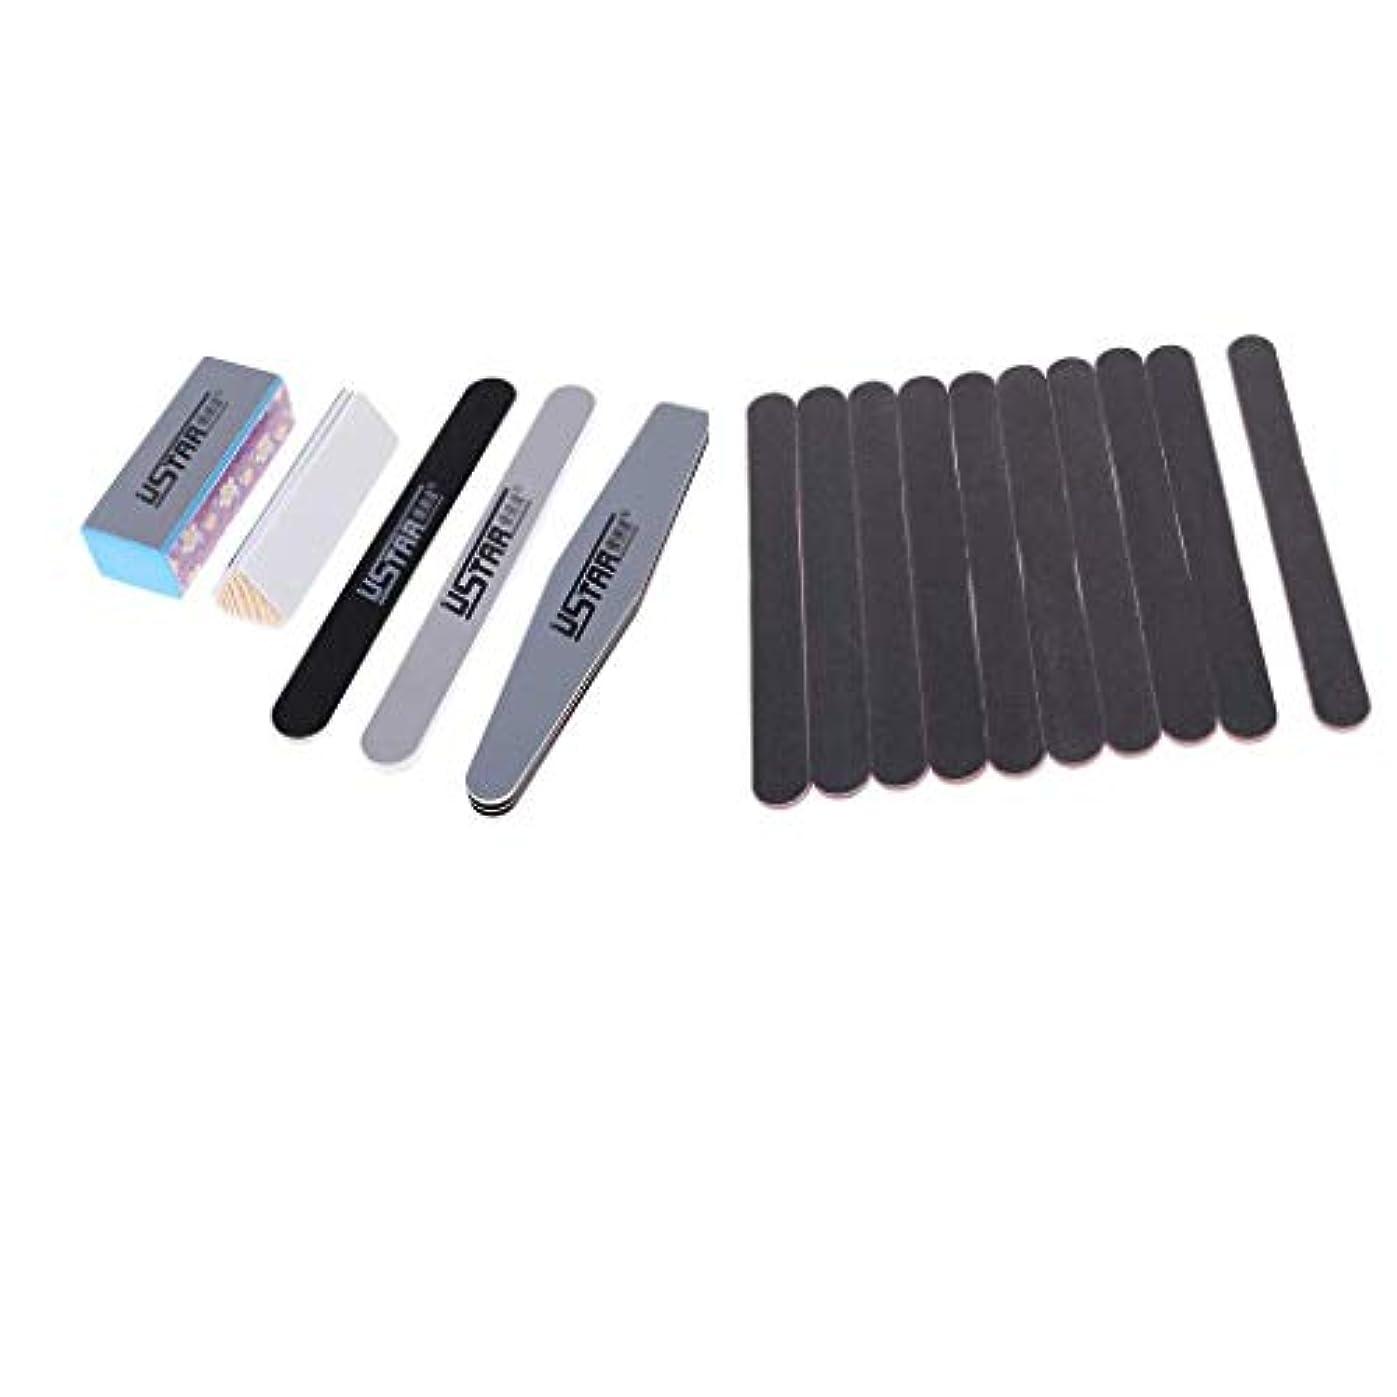 失われたカバー軽蔑する15個のDIYモデル研磨ツールセット研磨スティックを構築するための研磨スティックセット